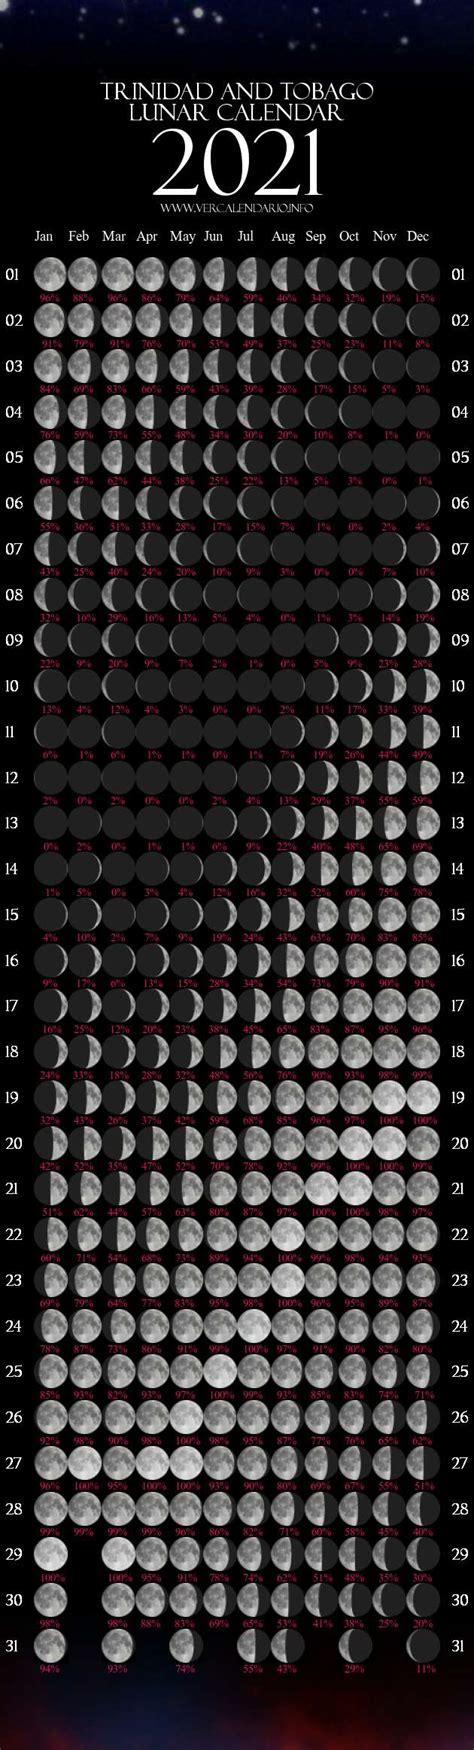 lunar calendar  trinidad  tobago